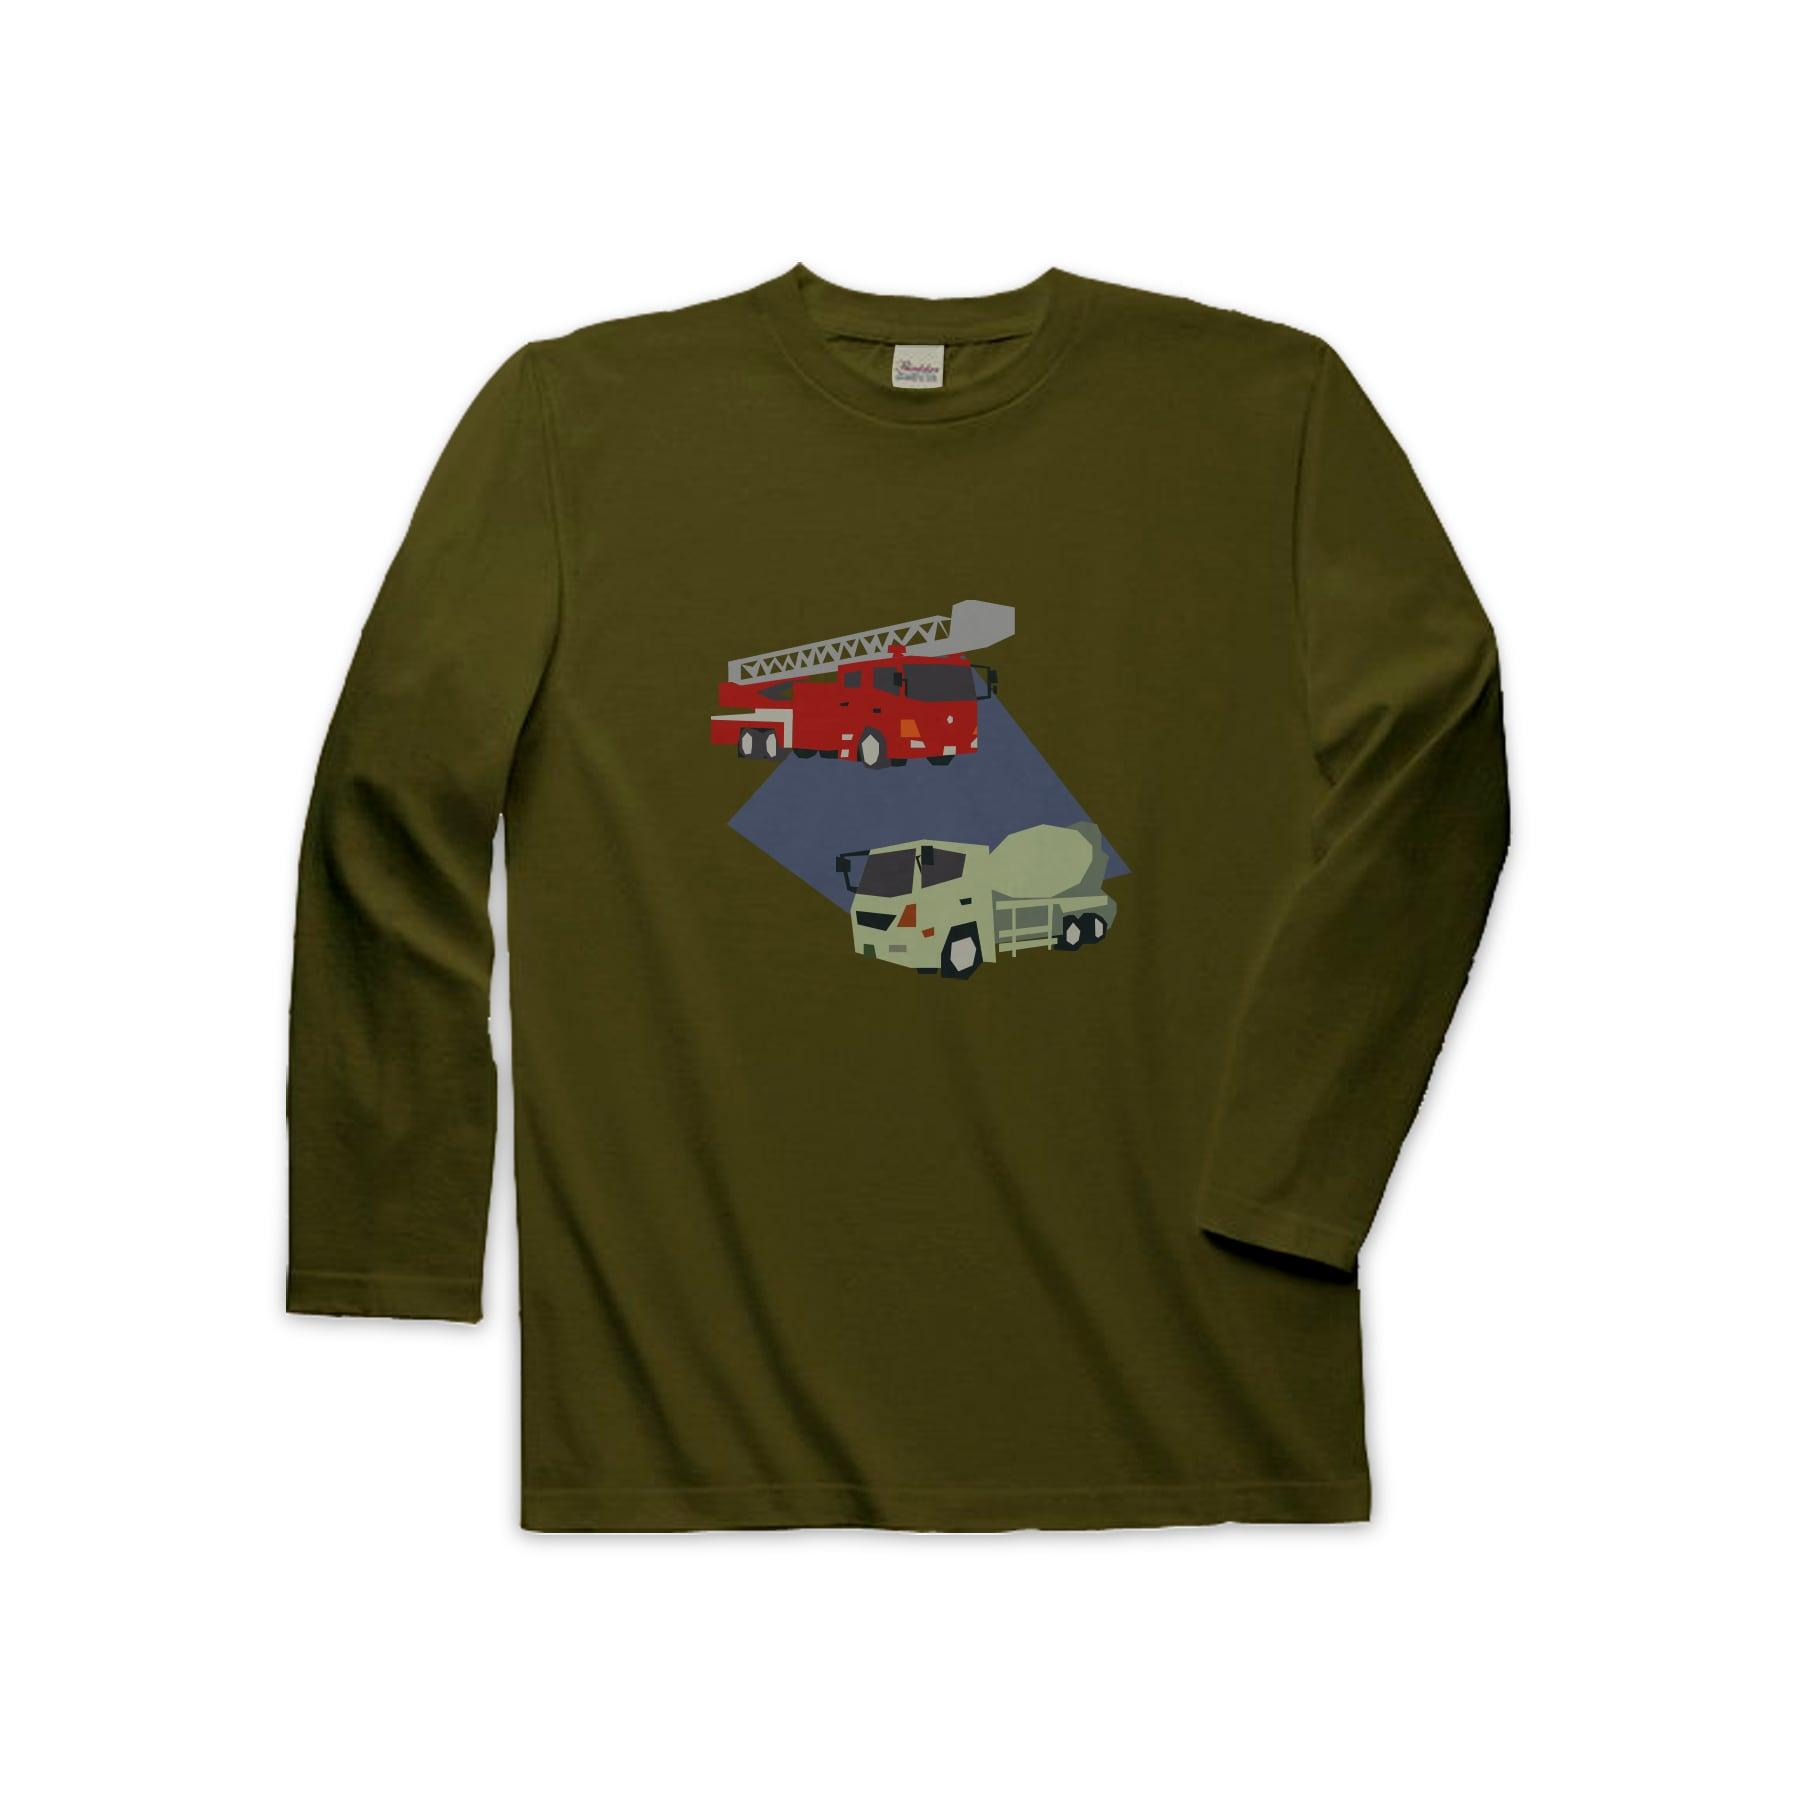 車Tシャツ(長袖)-消防車とミキサー車(オリーブ)